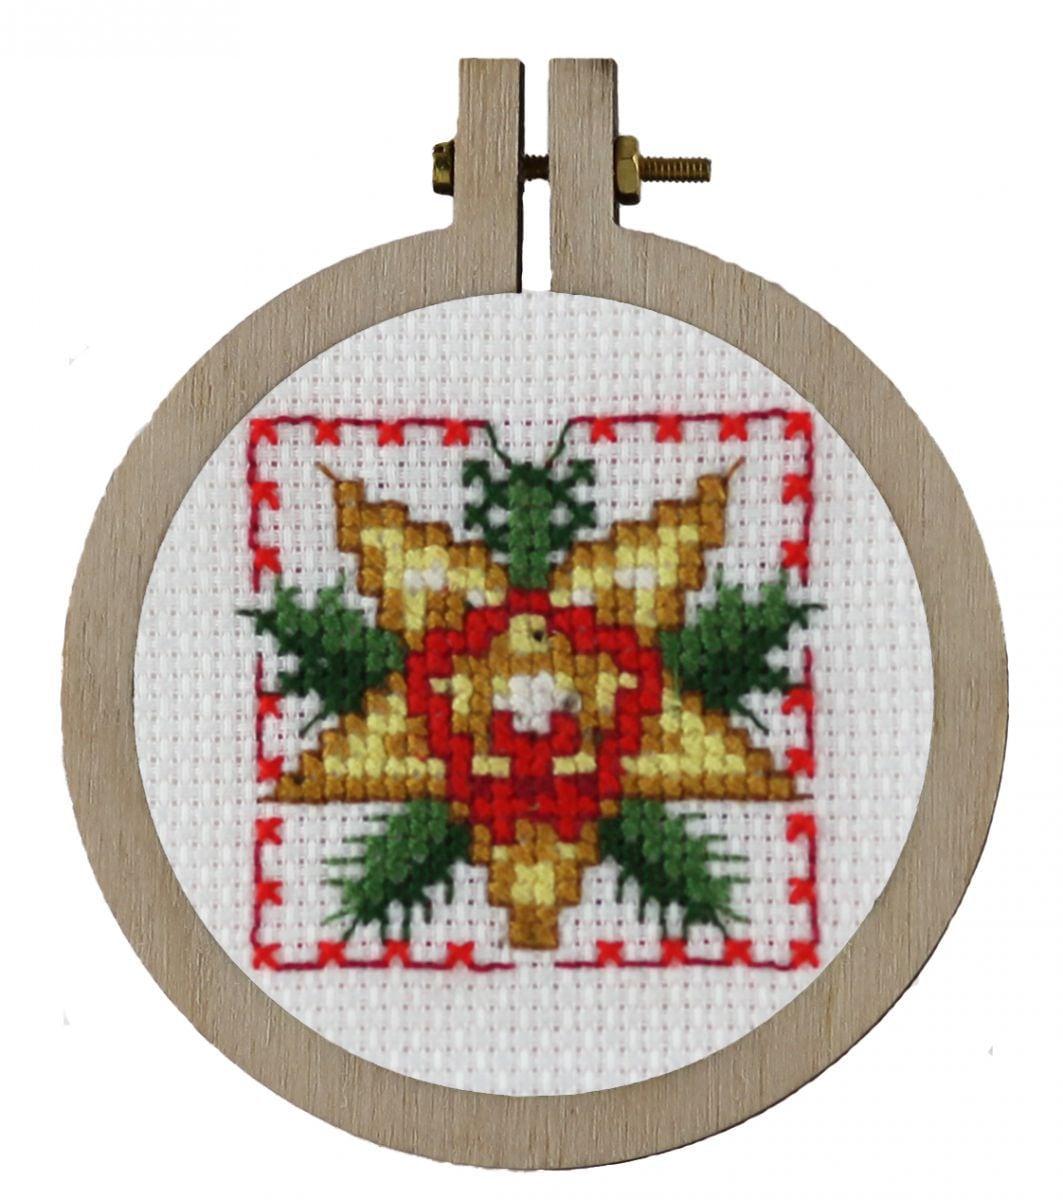 borduurpakket leuke kersthanger voor in de kerstboom